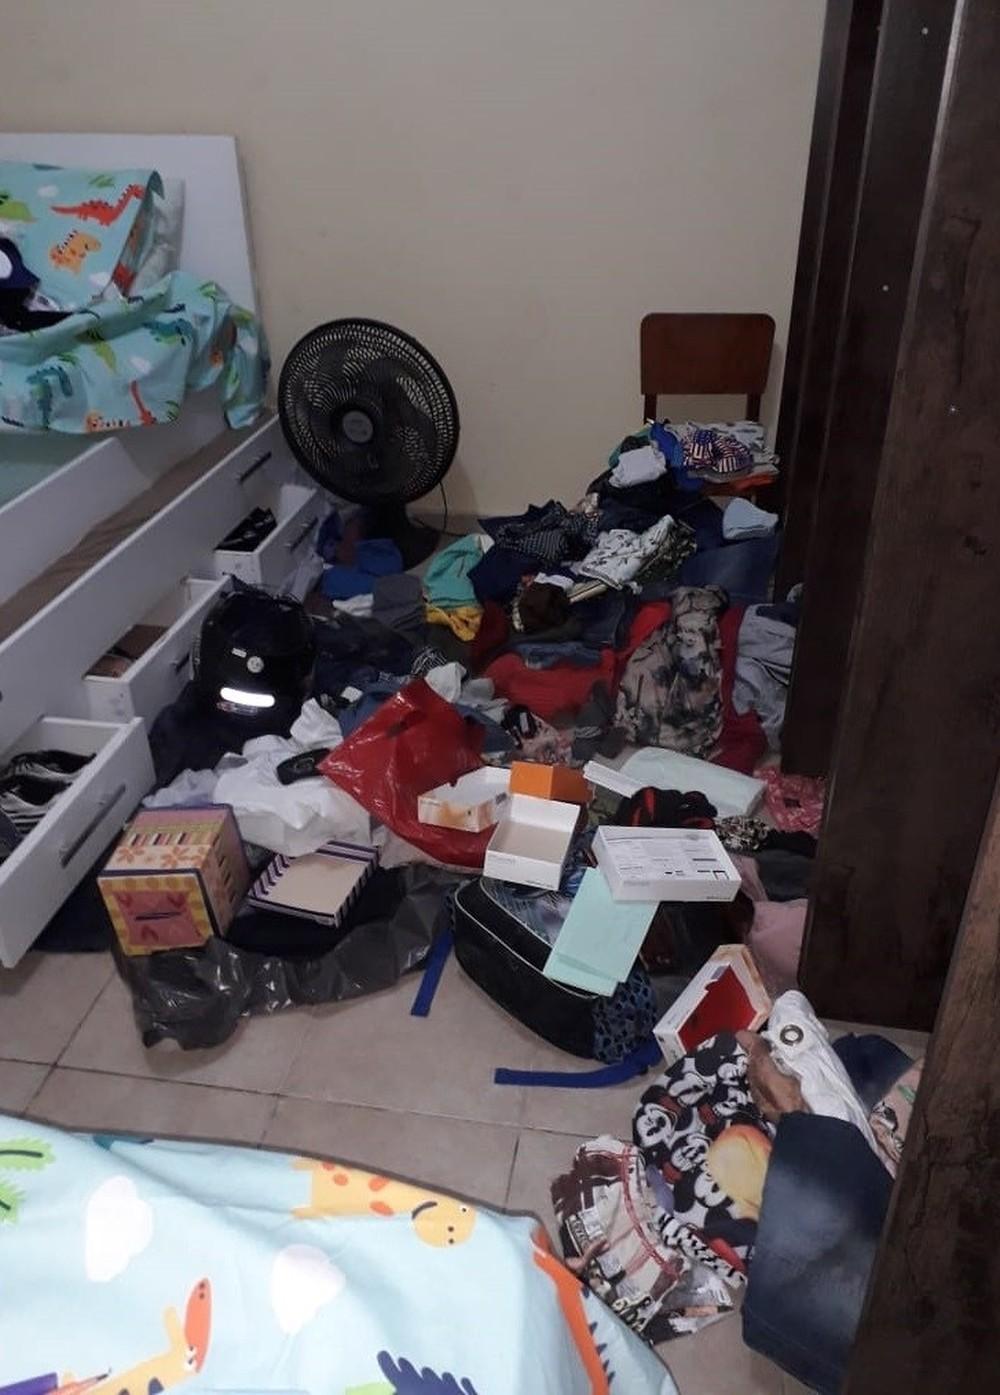 dcfde013ff Bandidos arrombaram uma residência na segunda-feira (24) em Santa Cruz do  Capibaribe